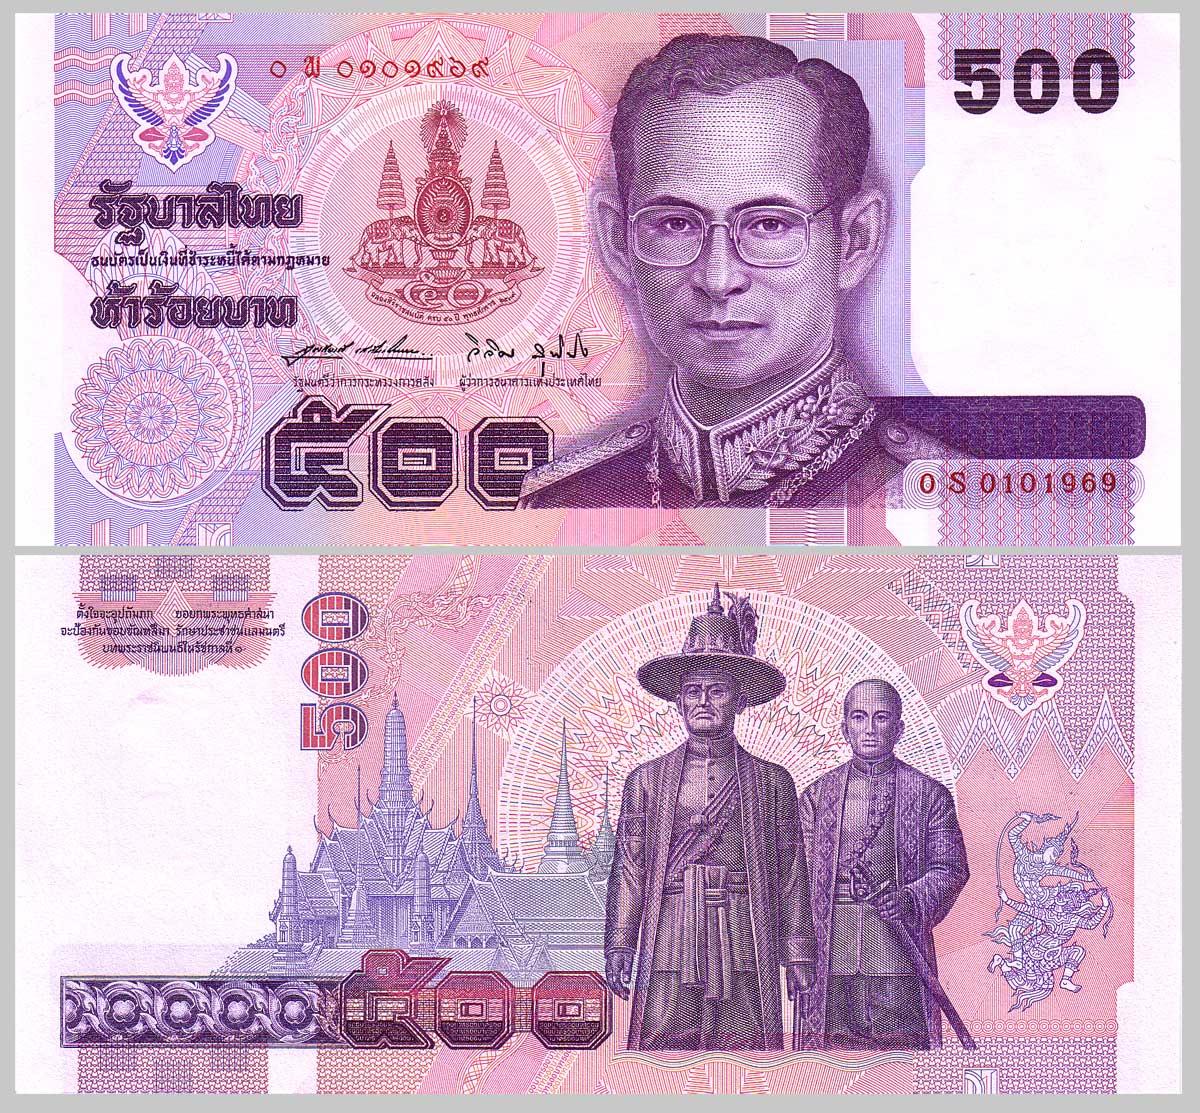 voshod_chr: Вот так выглядят самые красивые деньги мира